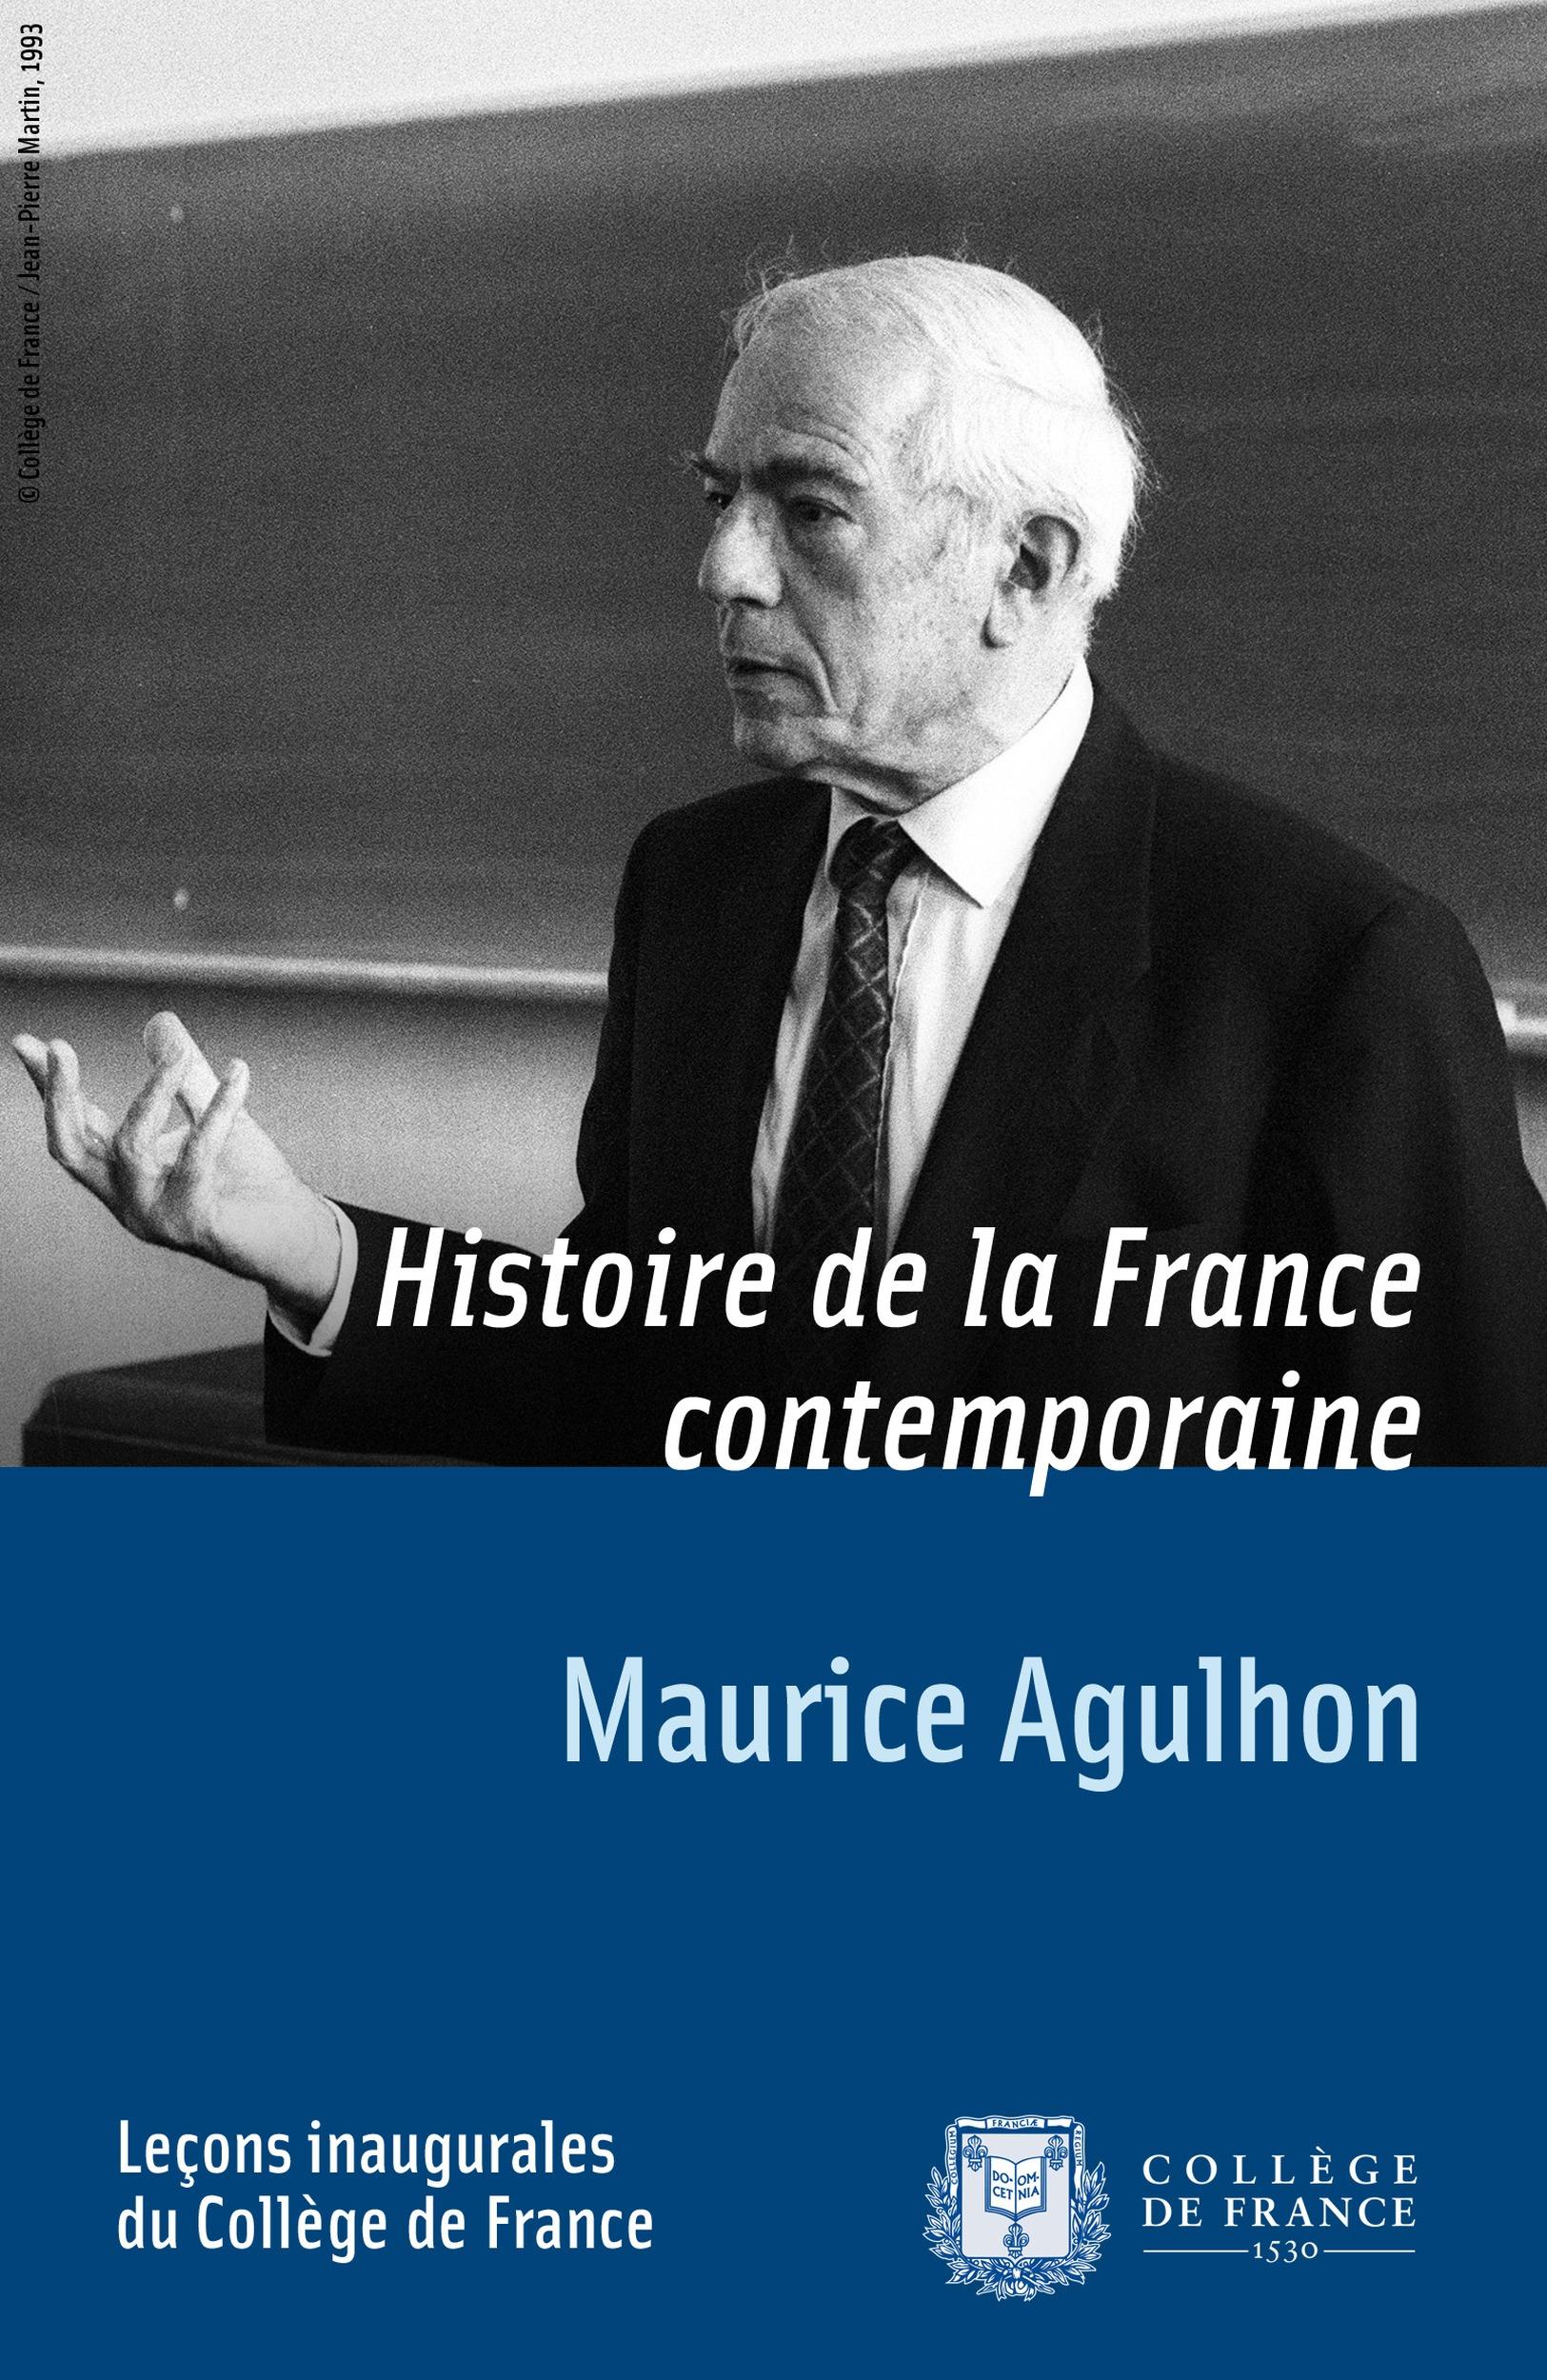 Histoire de la France contemporaine, LEÇON INAUGURALE PRONONCÉE LE VENDREDI 11AVRIL1986